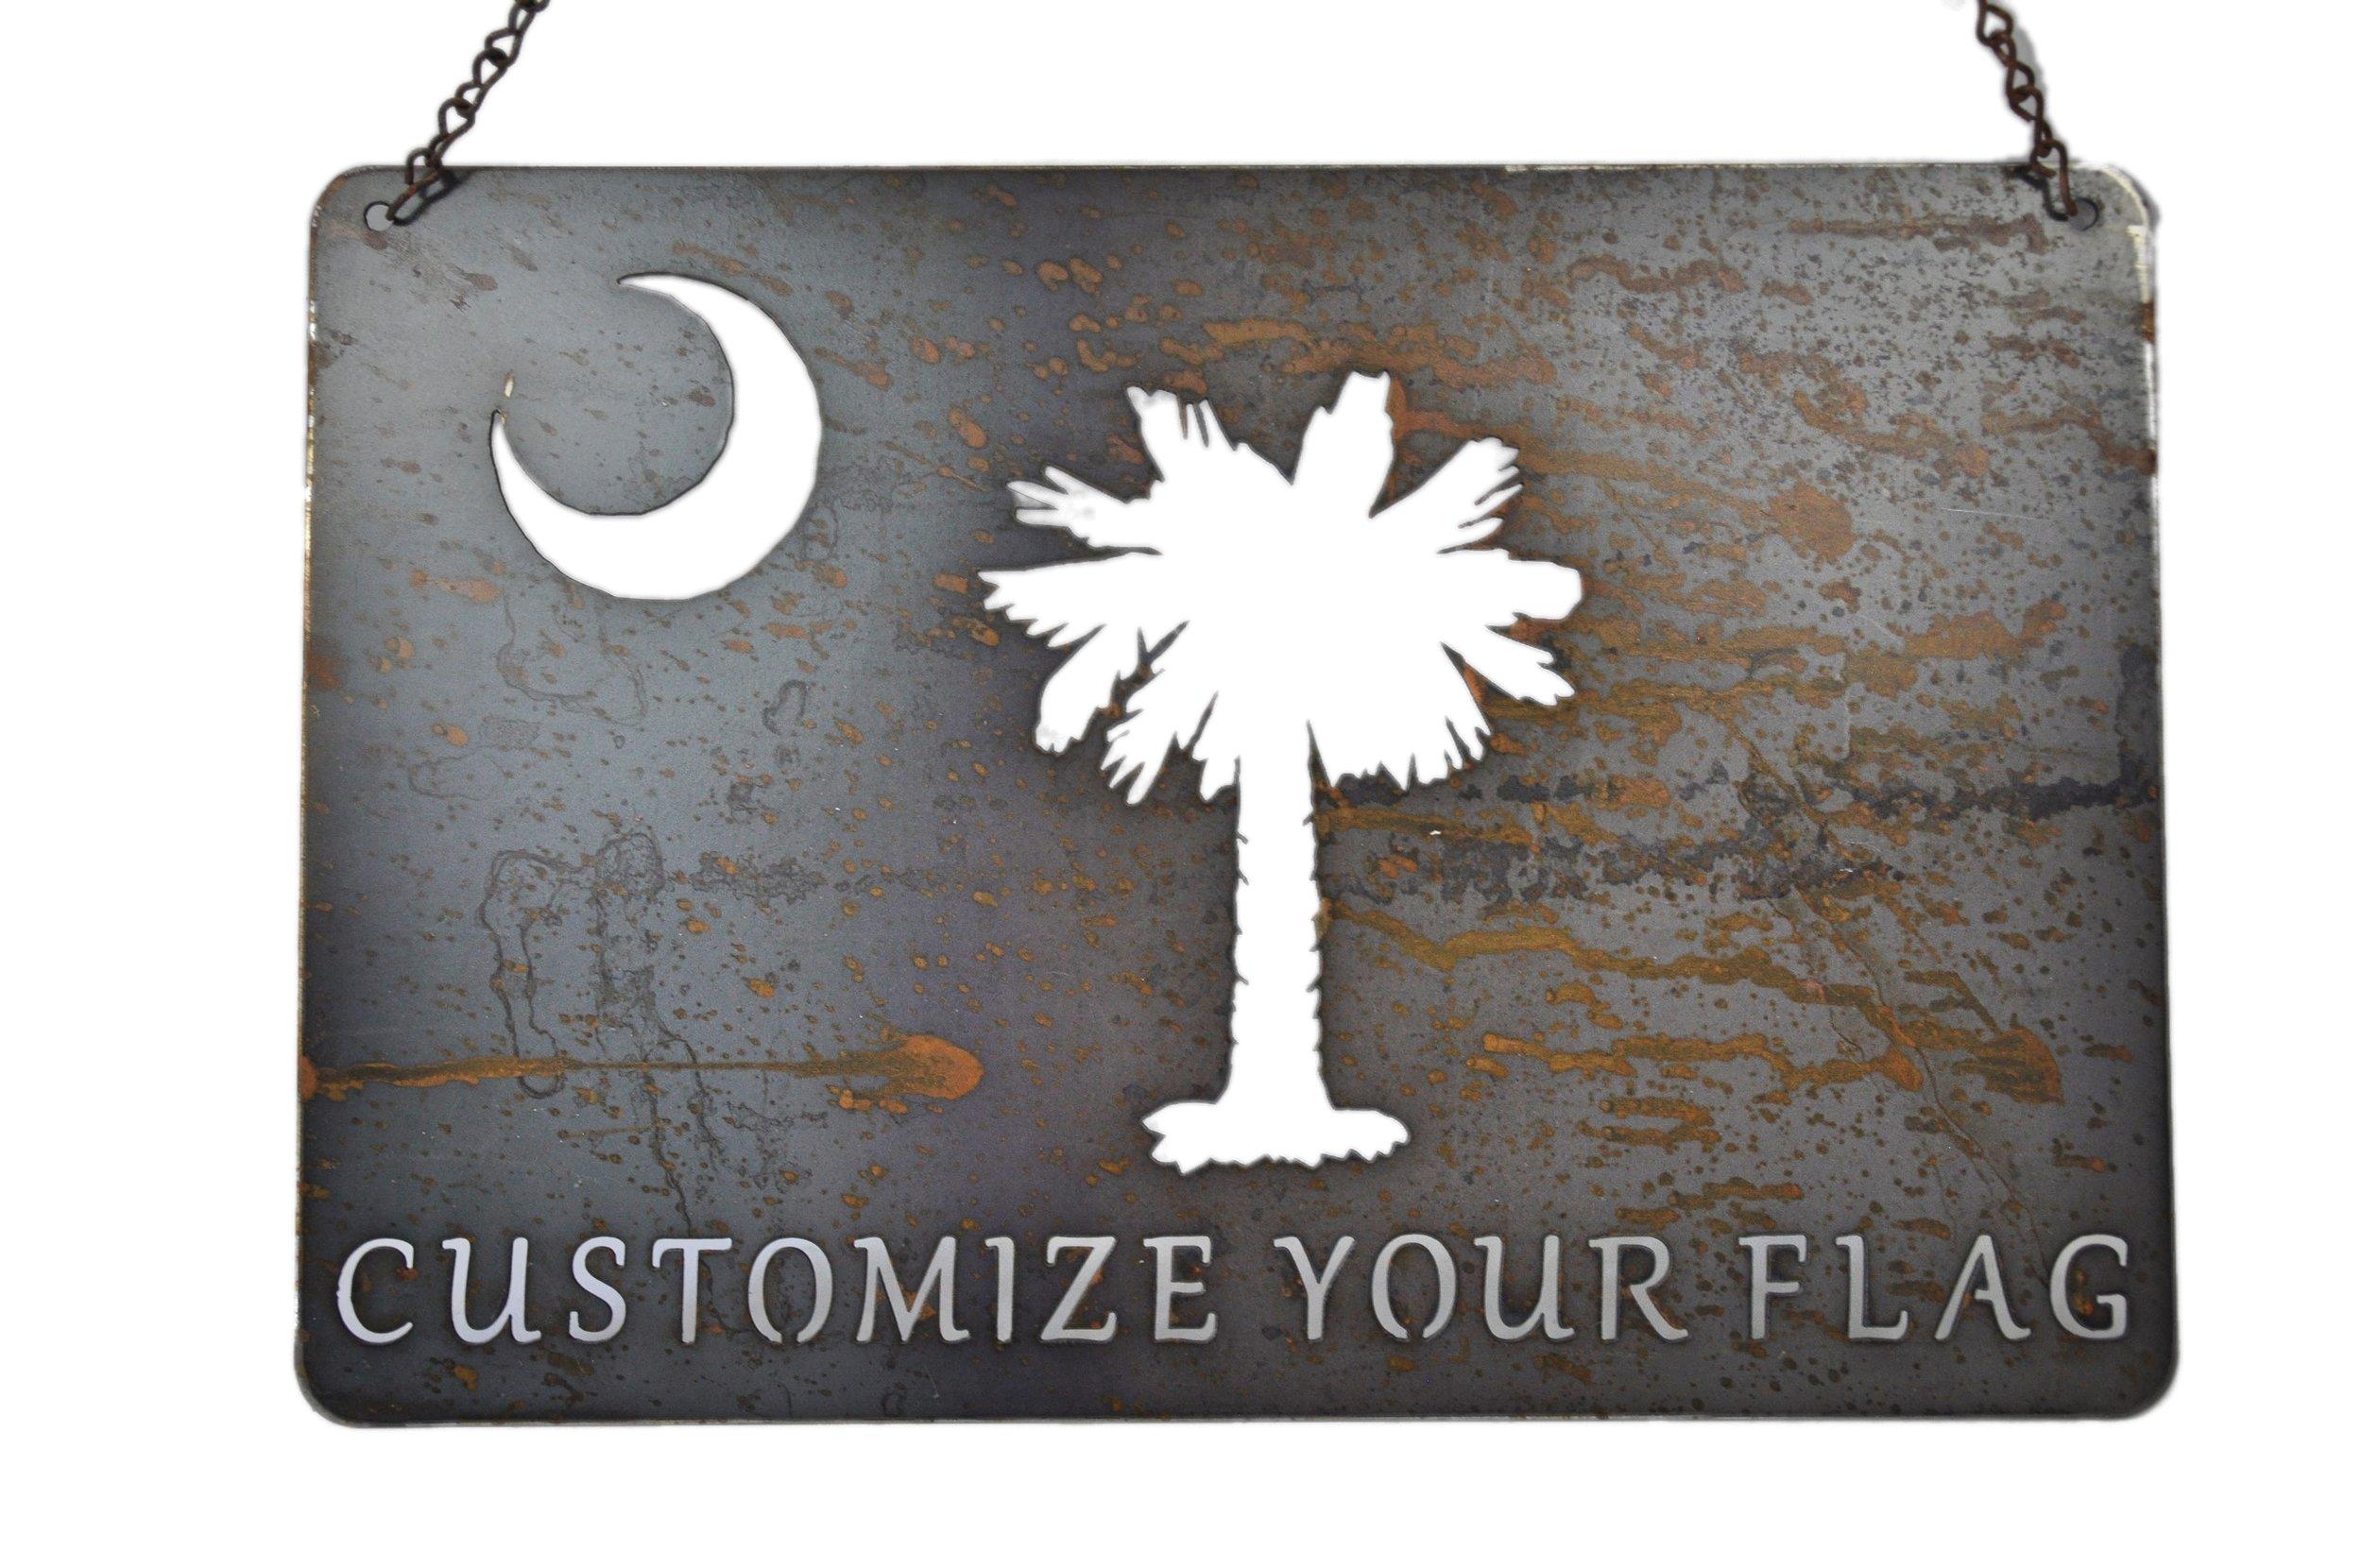 customizeflag_Fotor.jpg